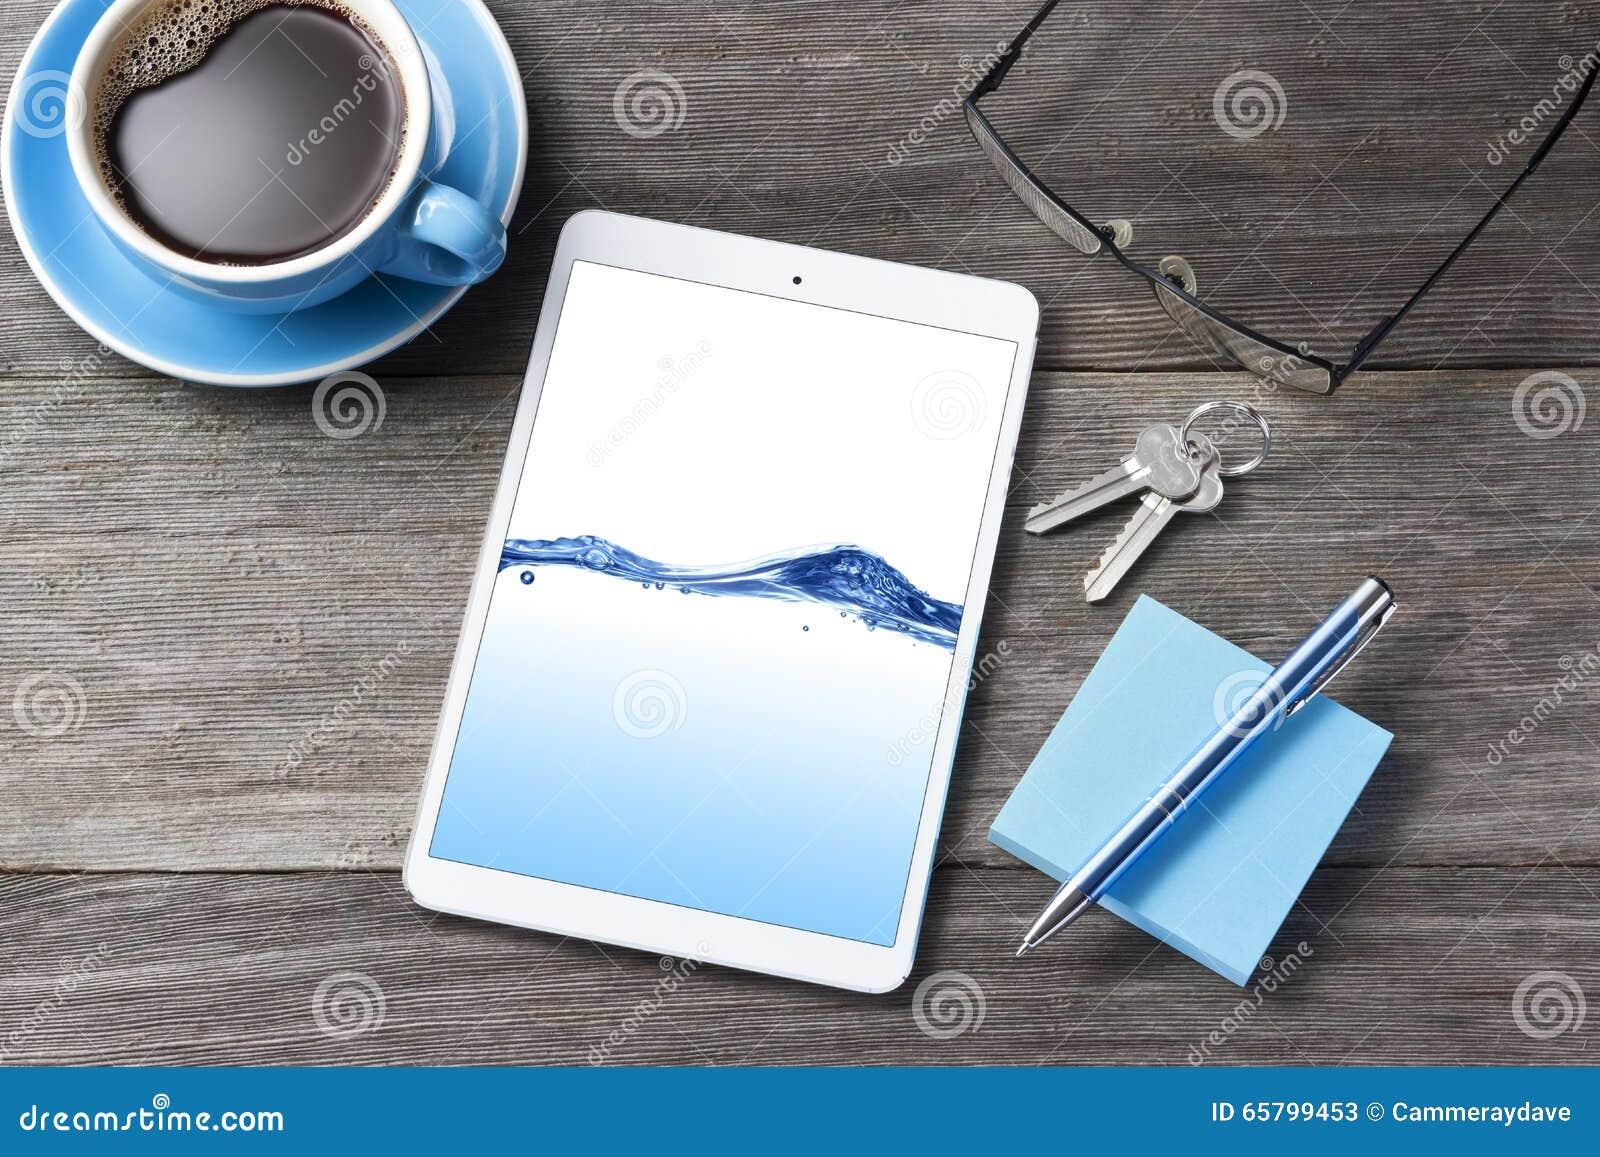 gesch fts tablet computer schreibtisch hintergrund stockfoto bild 65799453. Black Bedroom Furniture Sets. Home Design Ideas